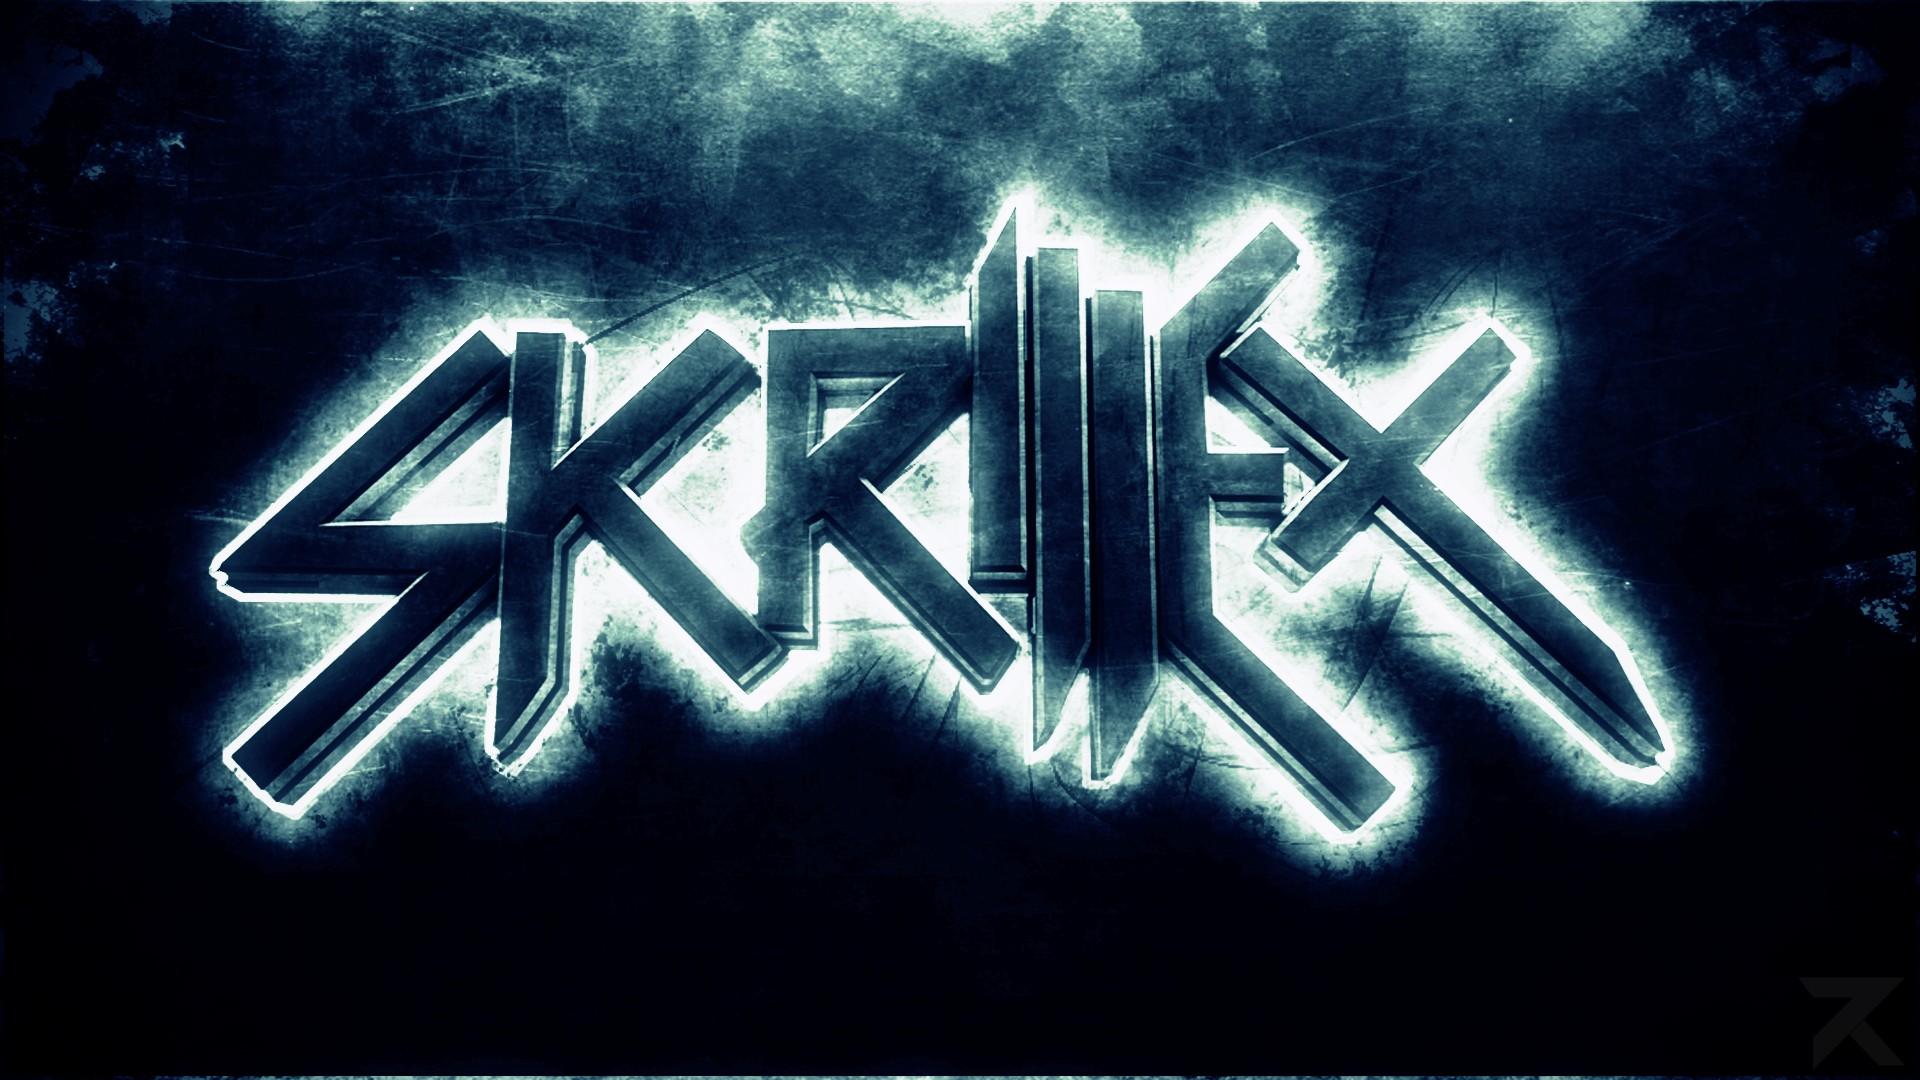 Skrillex wallpaper download free awesome backgrounds for desktop skrillex wallpaper voltagebd Gallery